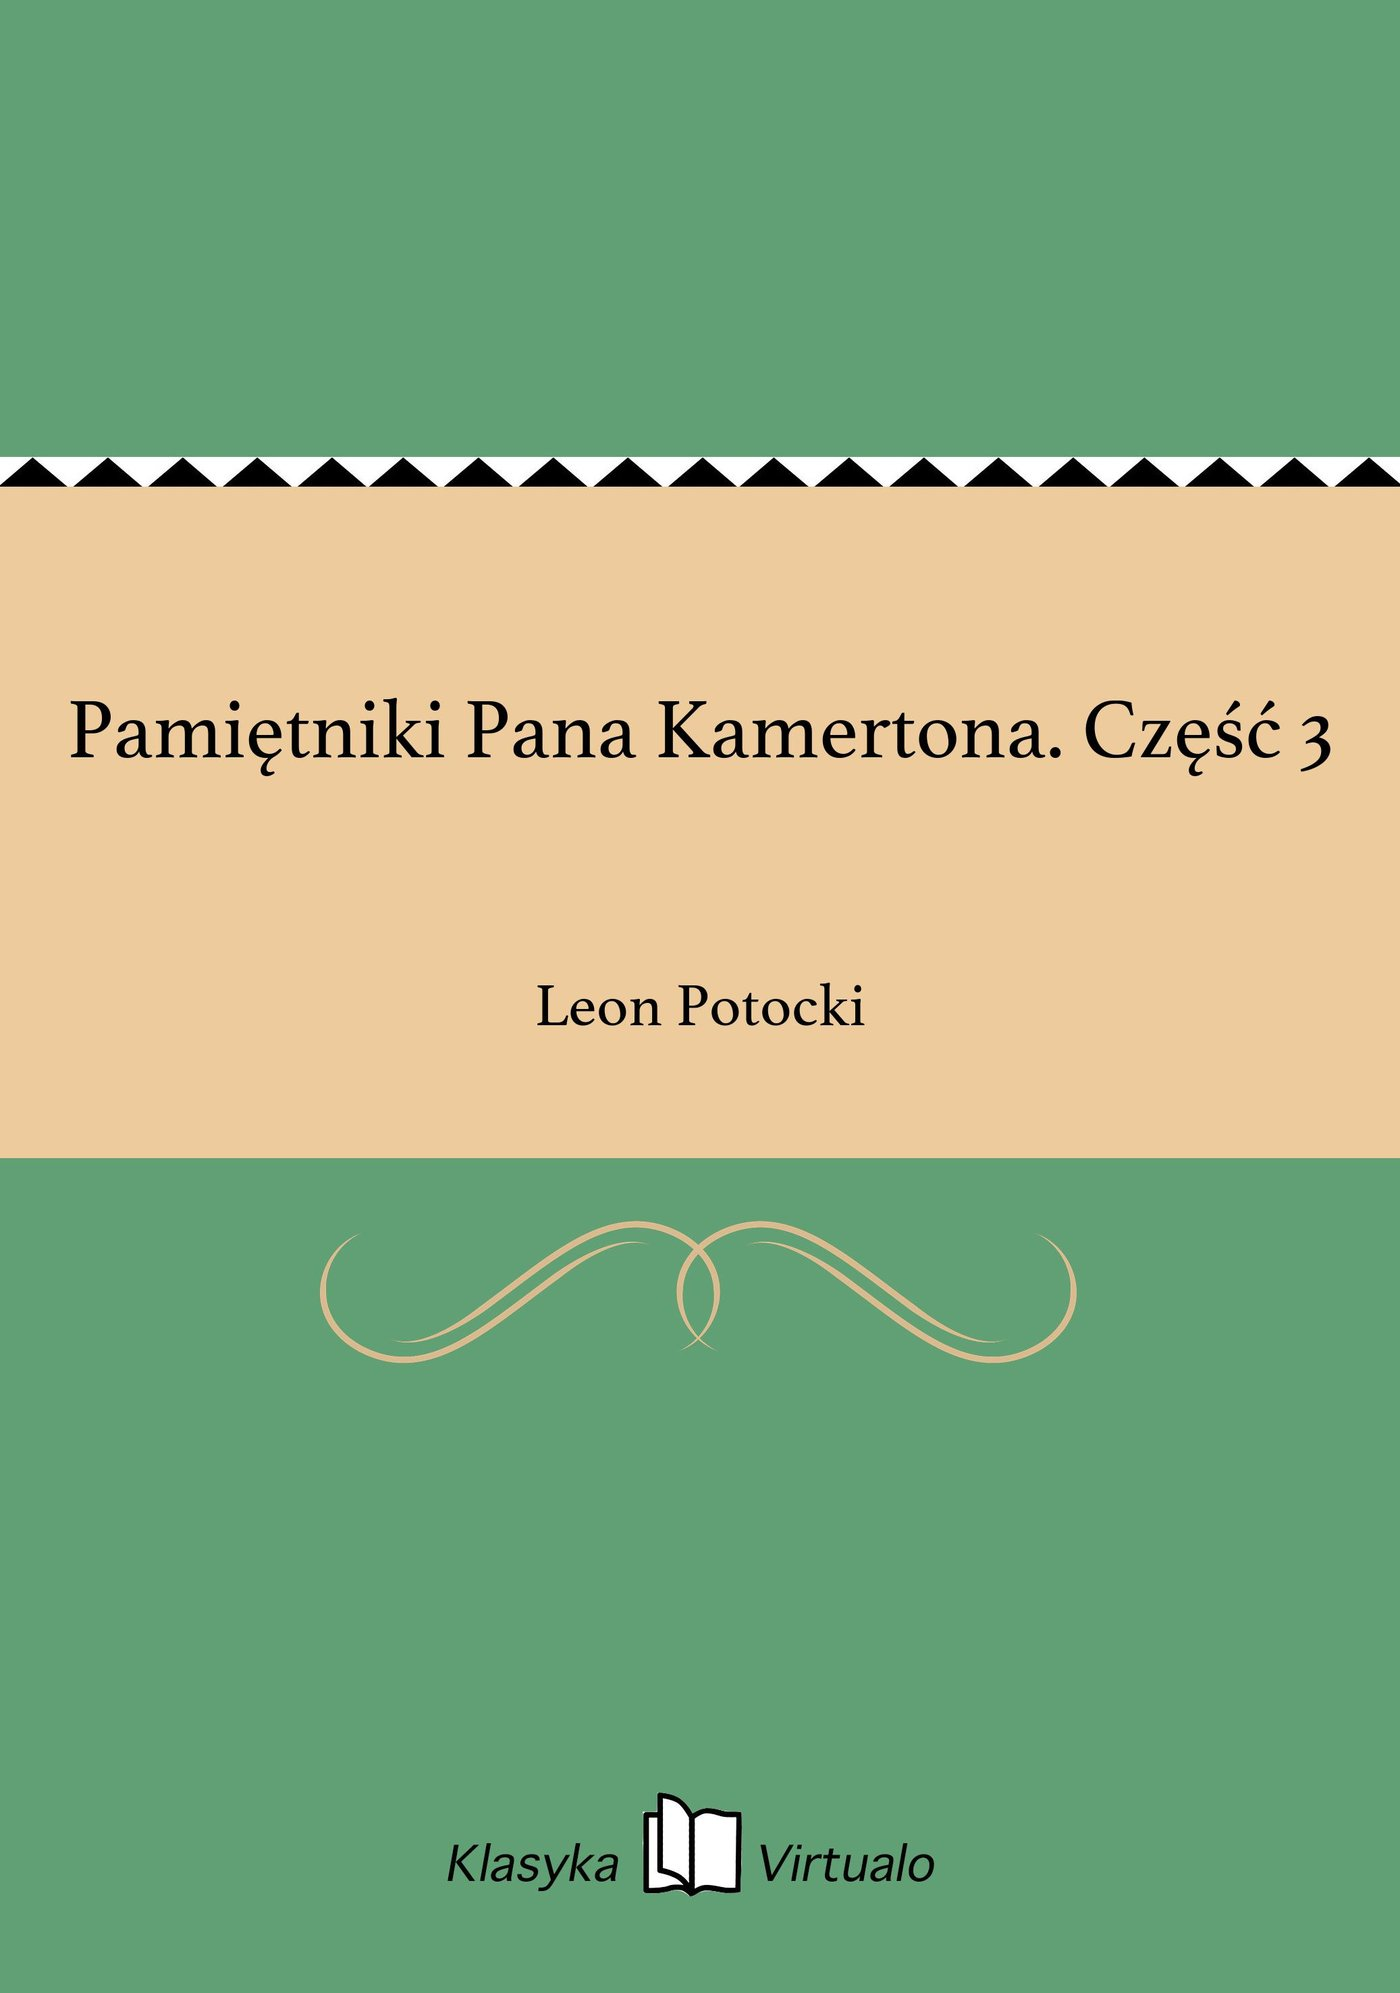 Pamiętniki Pana Kamertona. Część 3 - Ebook (Książka na Kindle) do pobrania w formacie MOBI